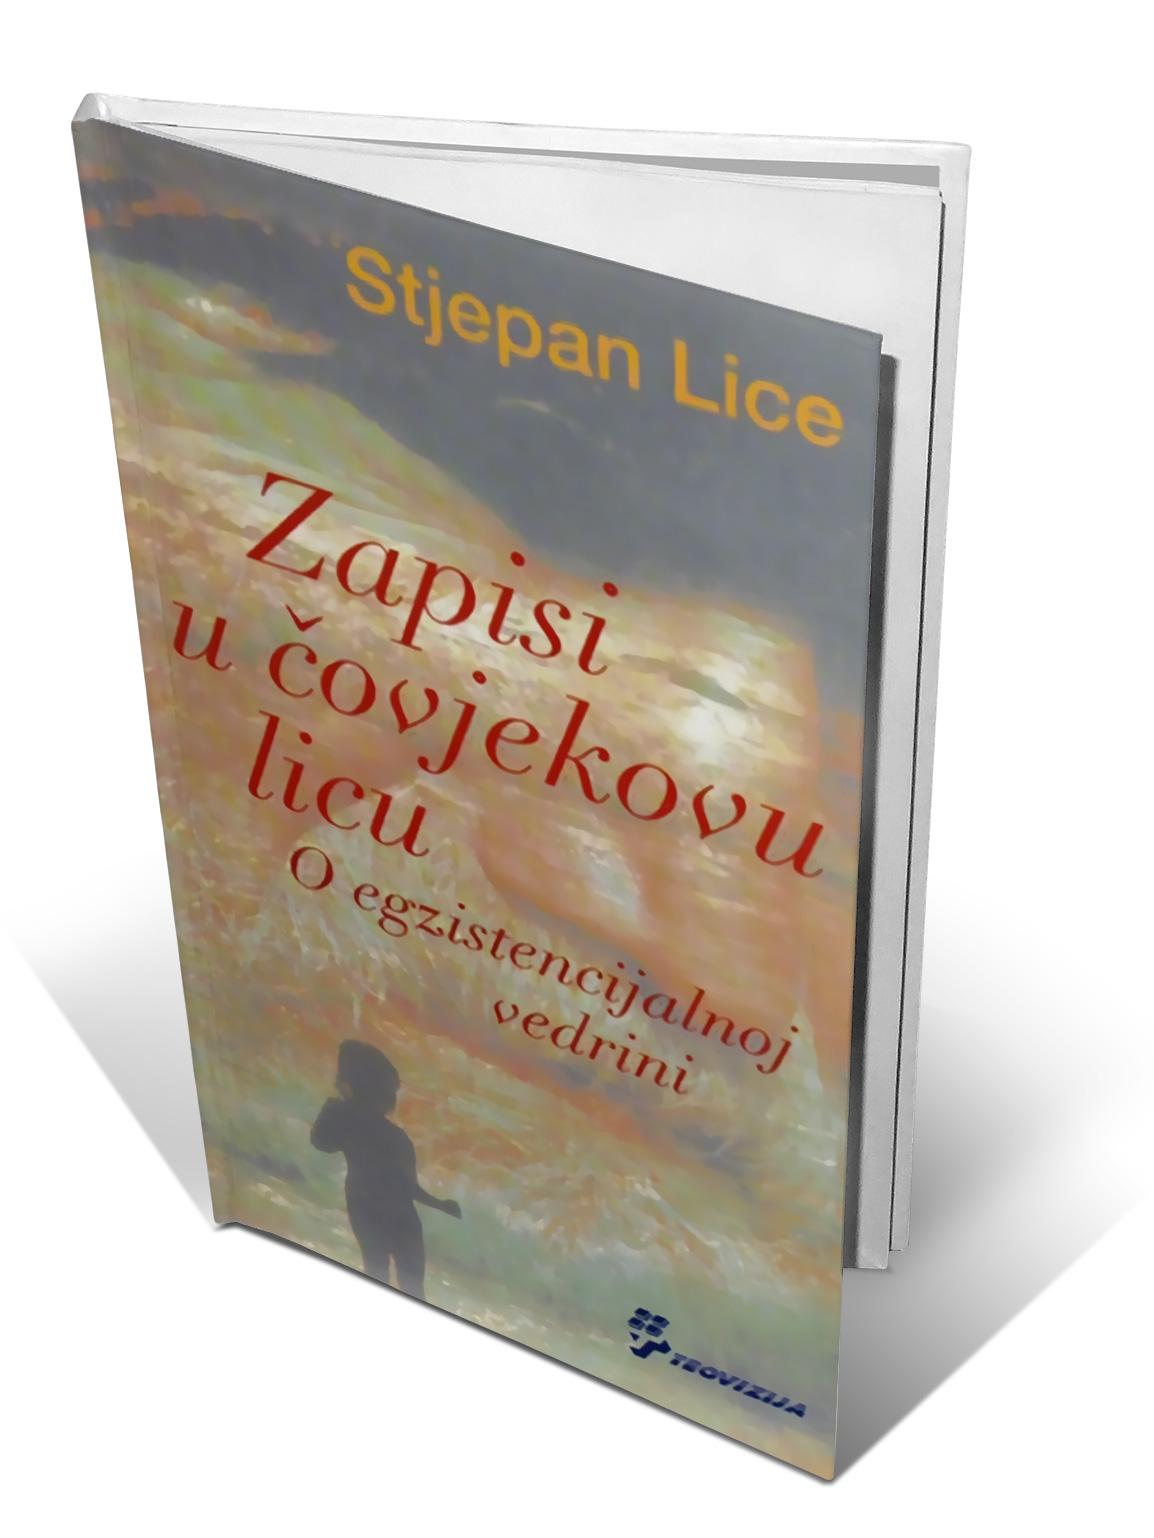 ZAPISI U ČOVJEKOVU LICU - Stjepan Lice